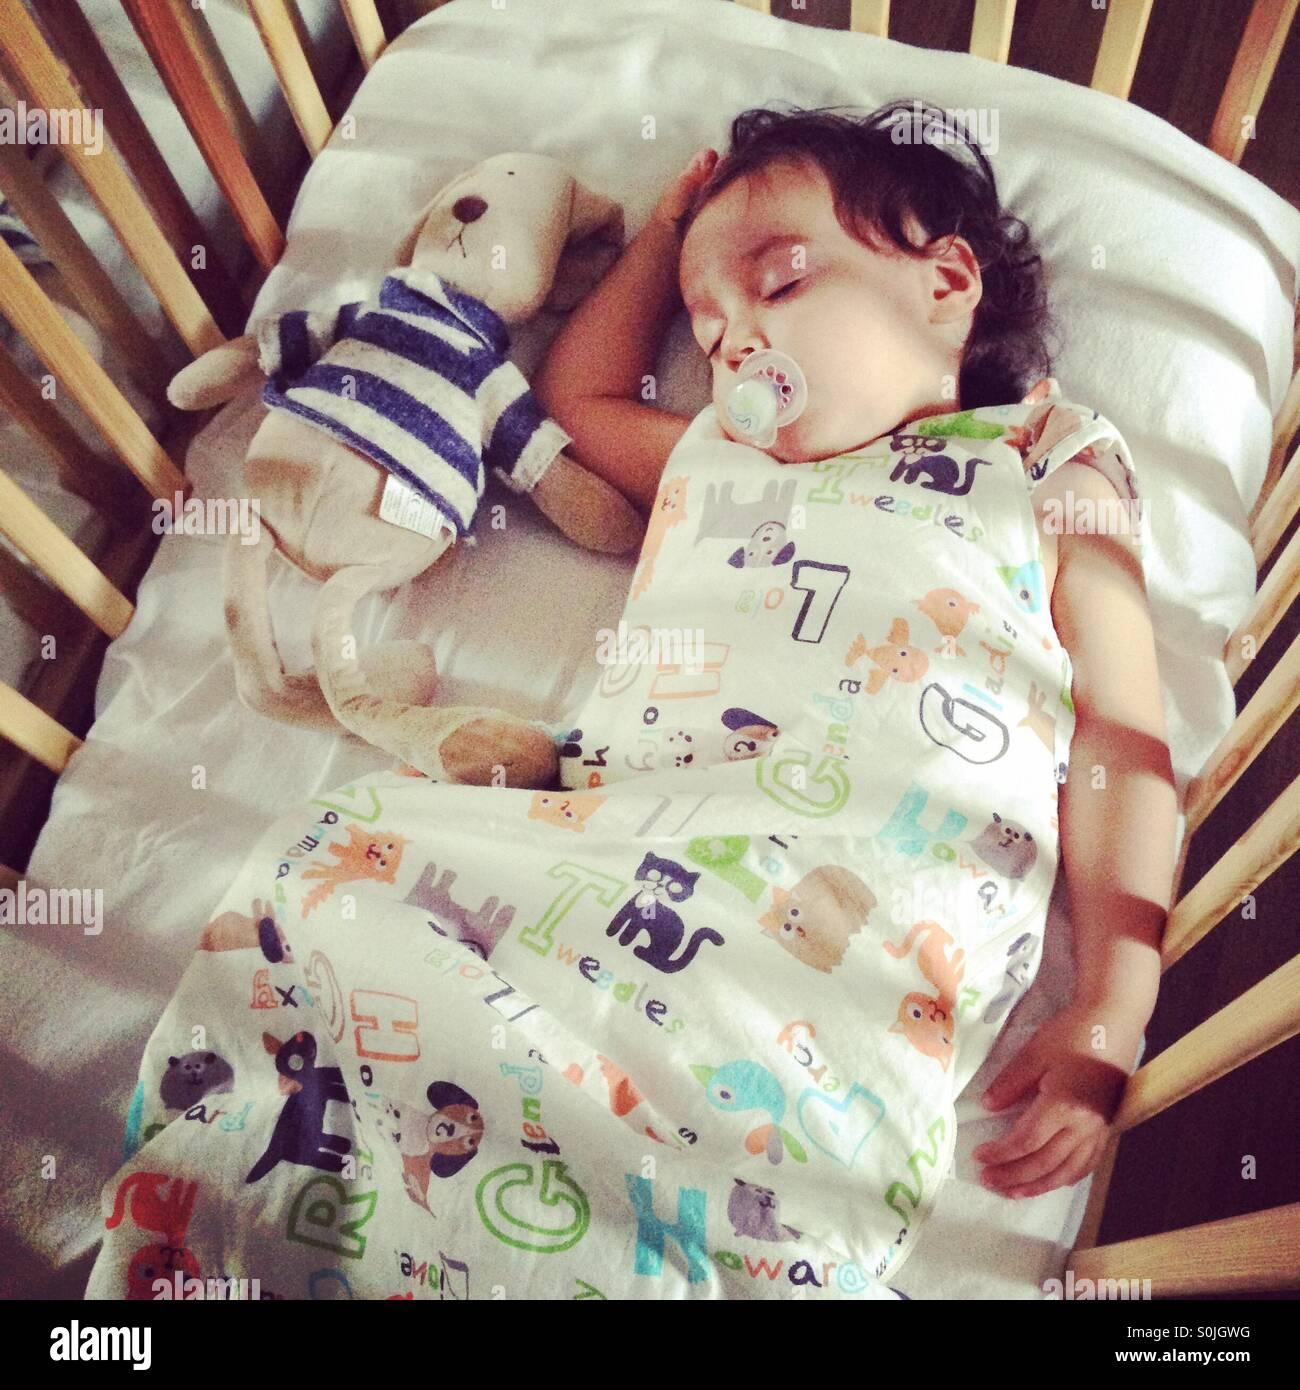 Criança dormindo no berço com carinhosa brinquedo Imagens de Stock